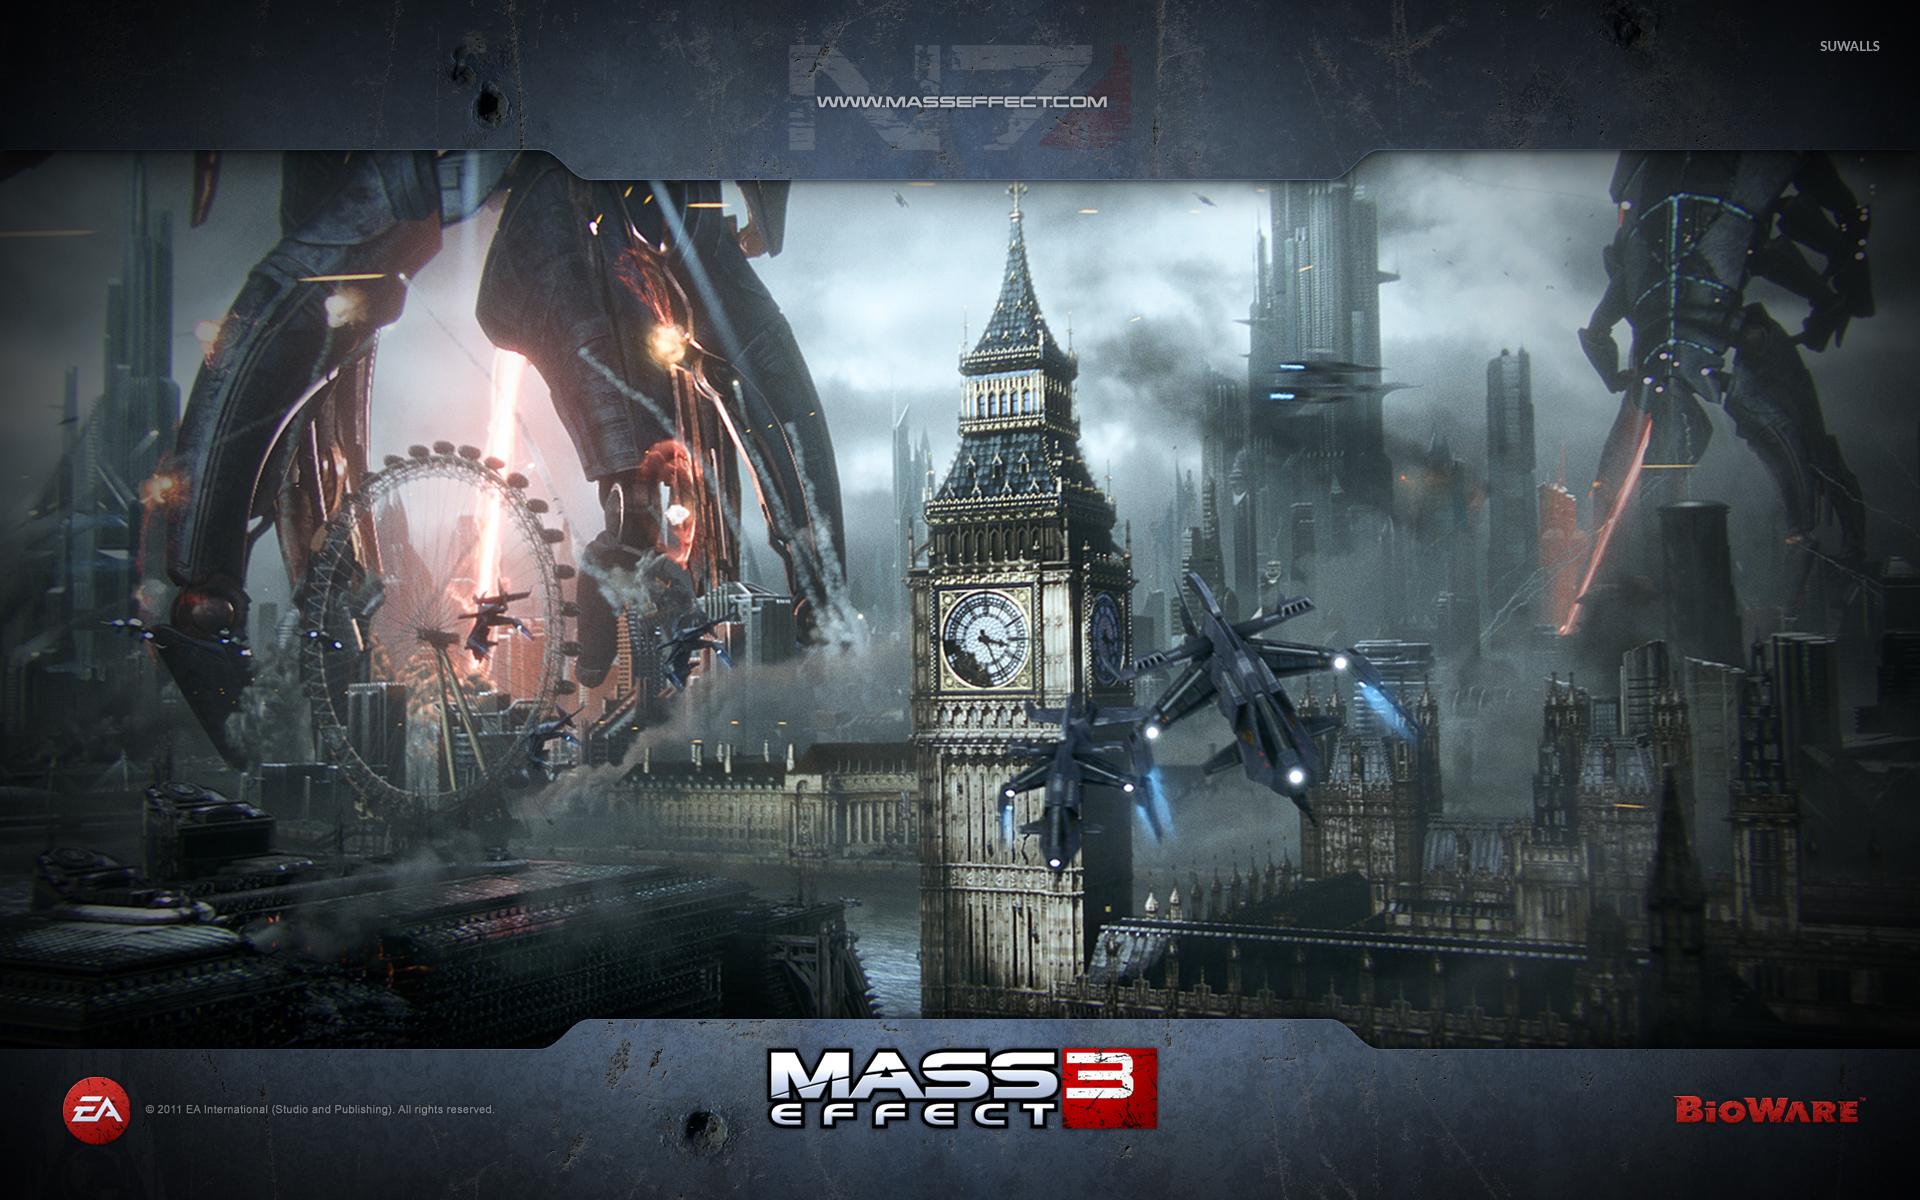 Mass Effect 3 3 Wallpaper Game Wallpapers 8604